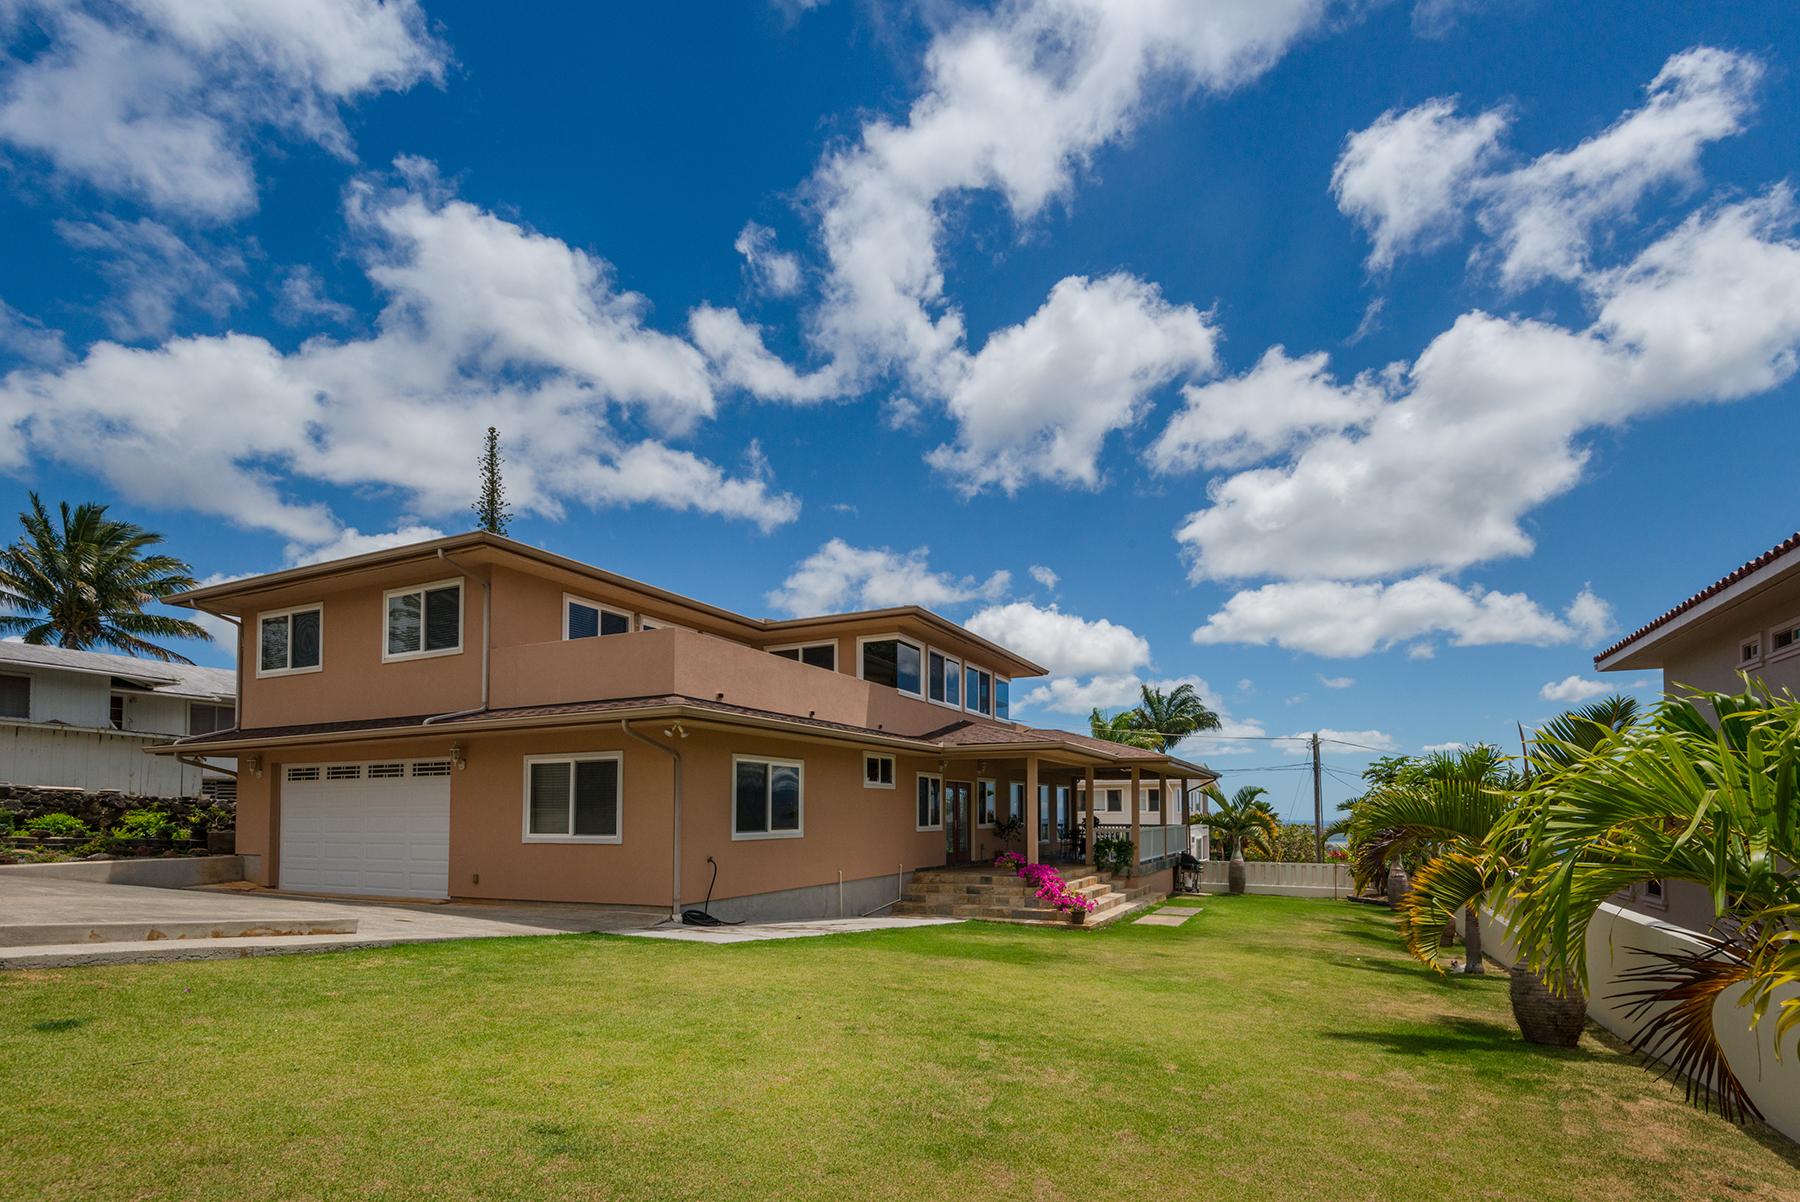 Maison unifamiliale pour l Vente à Luxury Heights Home 99-050 Lohea Pl. Aiea, Hawaii 96701 États-Unis